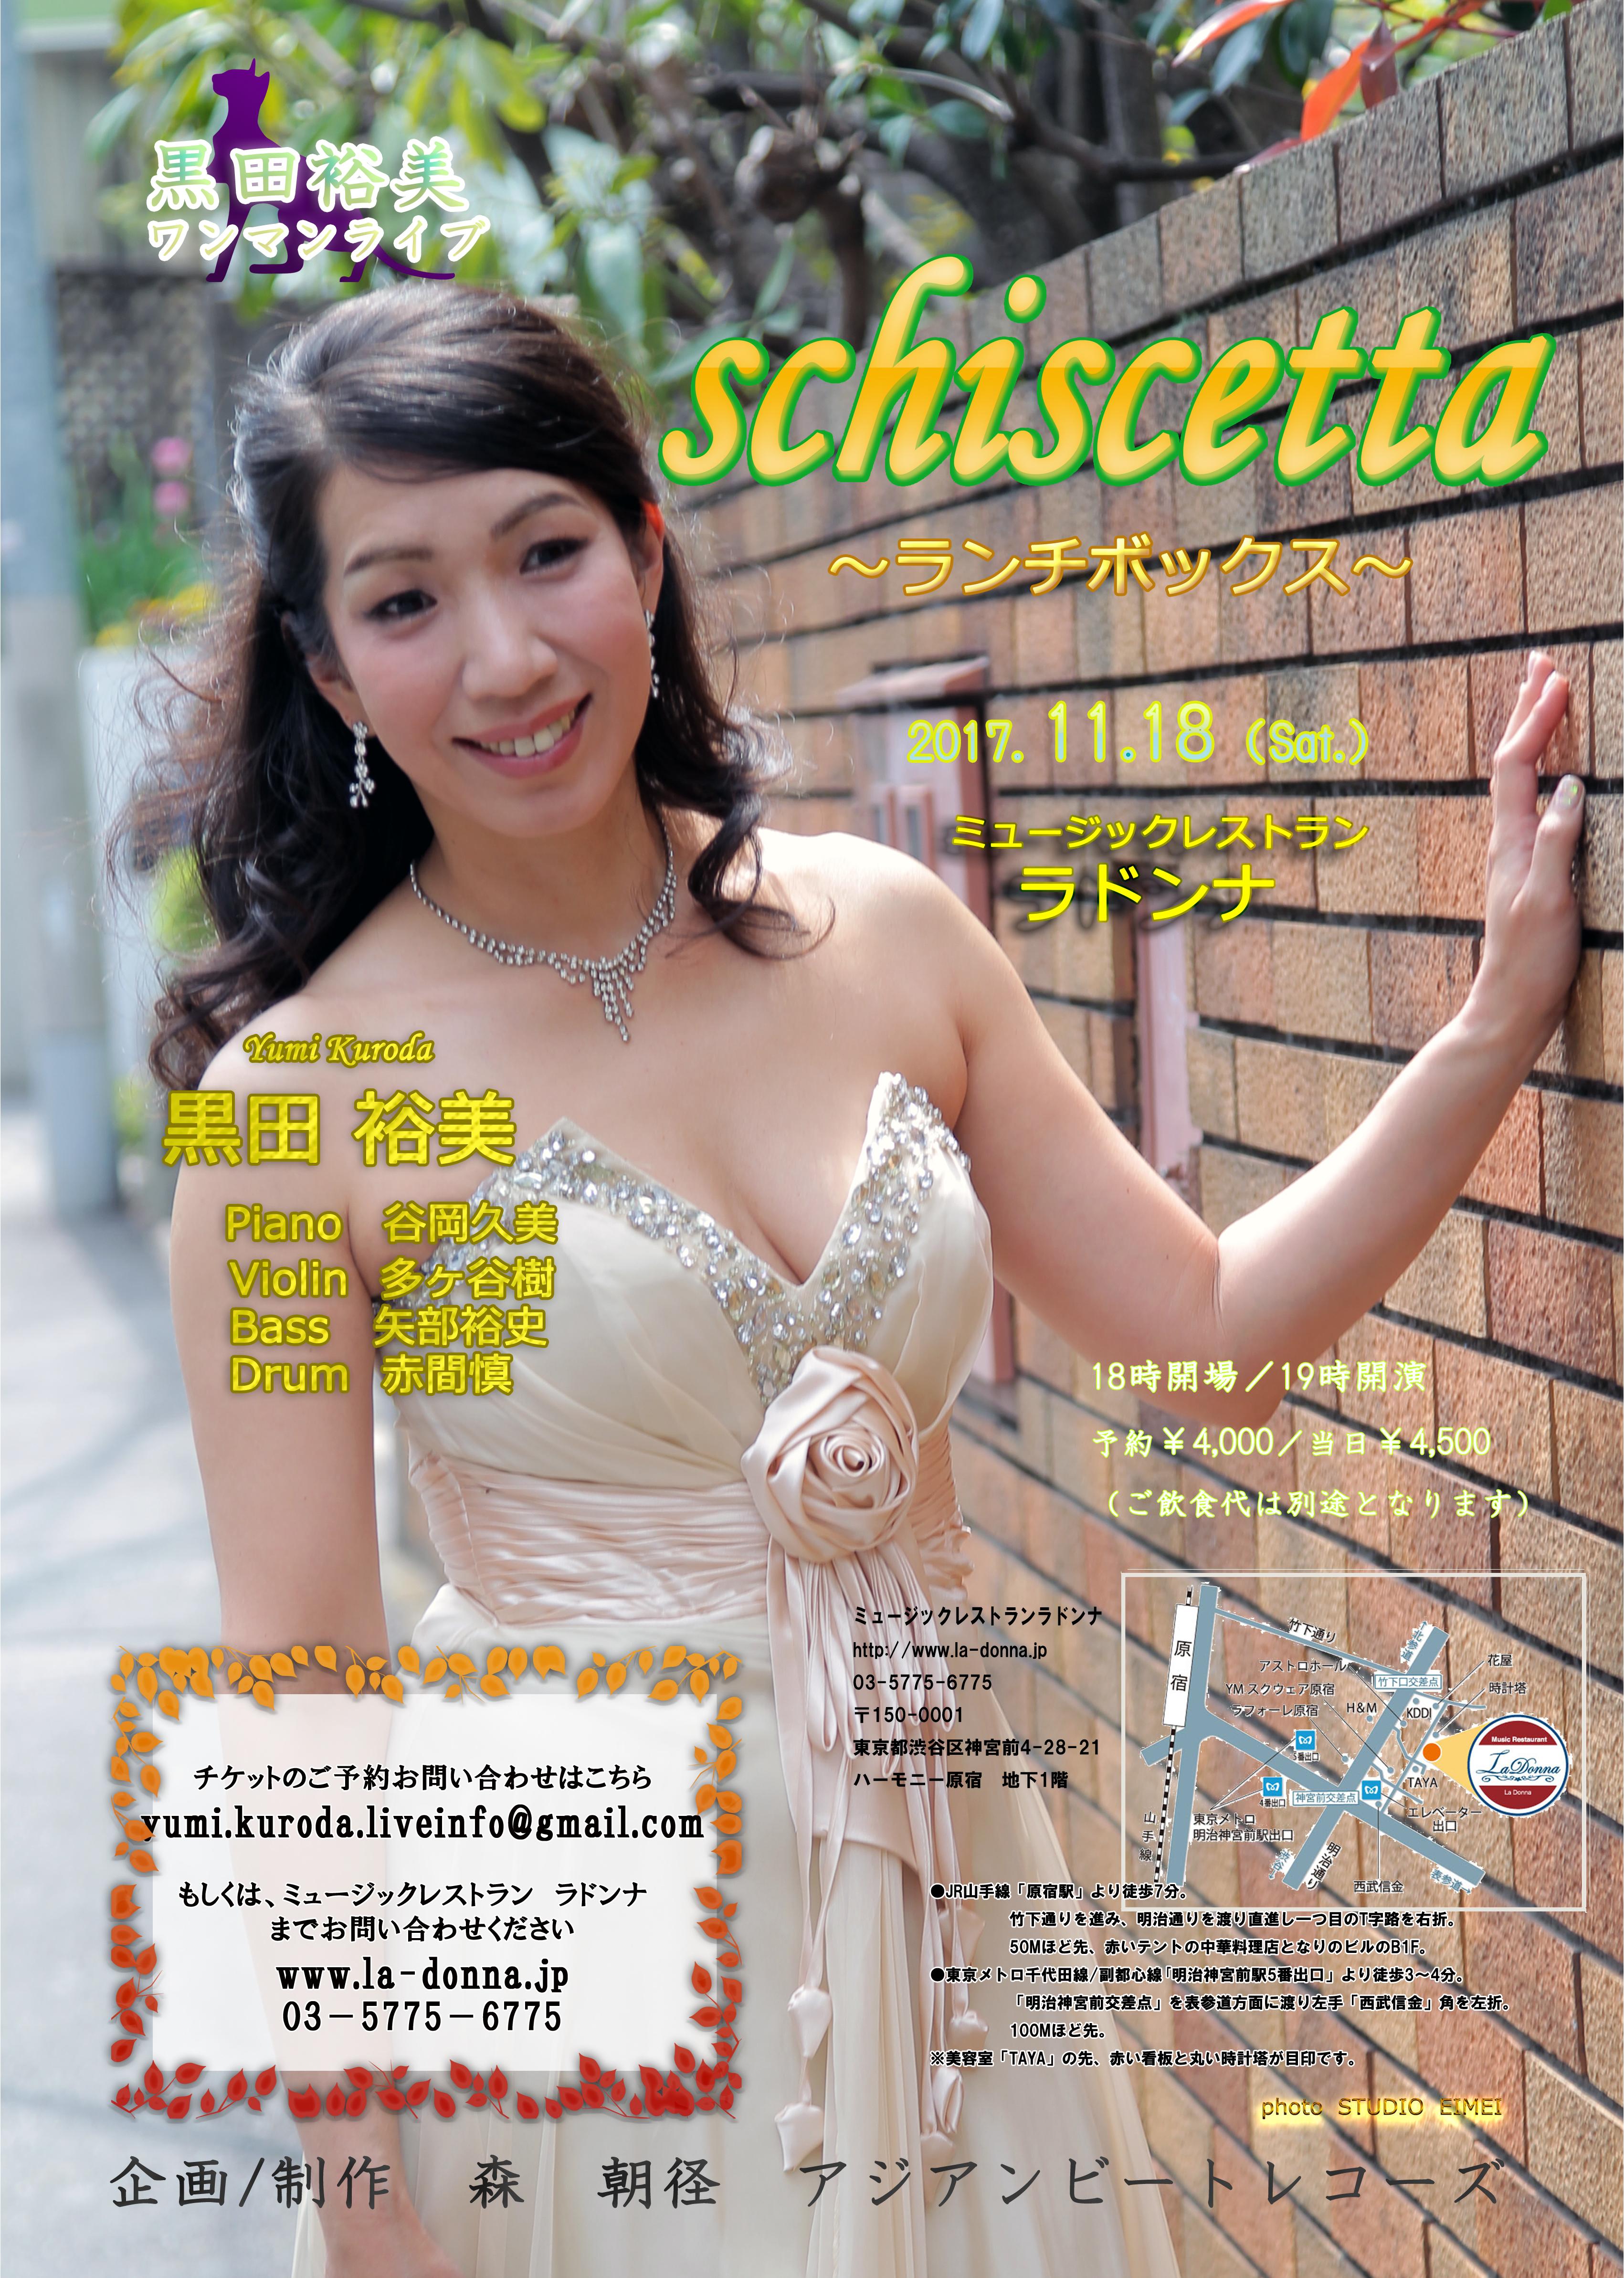 黒田裕美ライブ 【schiscetta~ランチボックス】